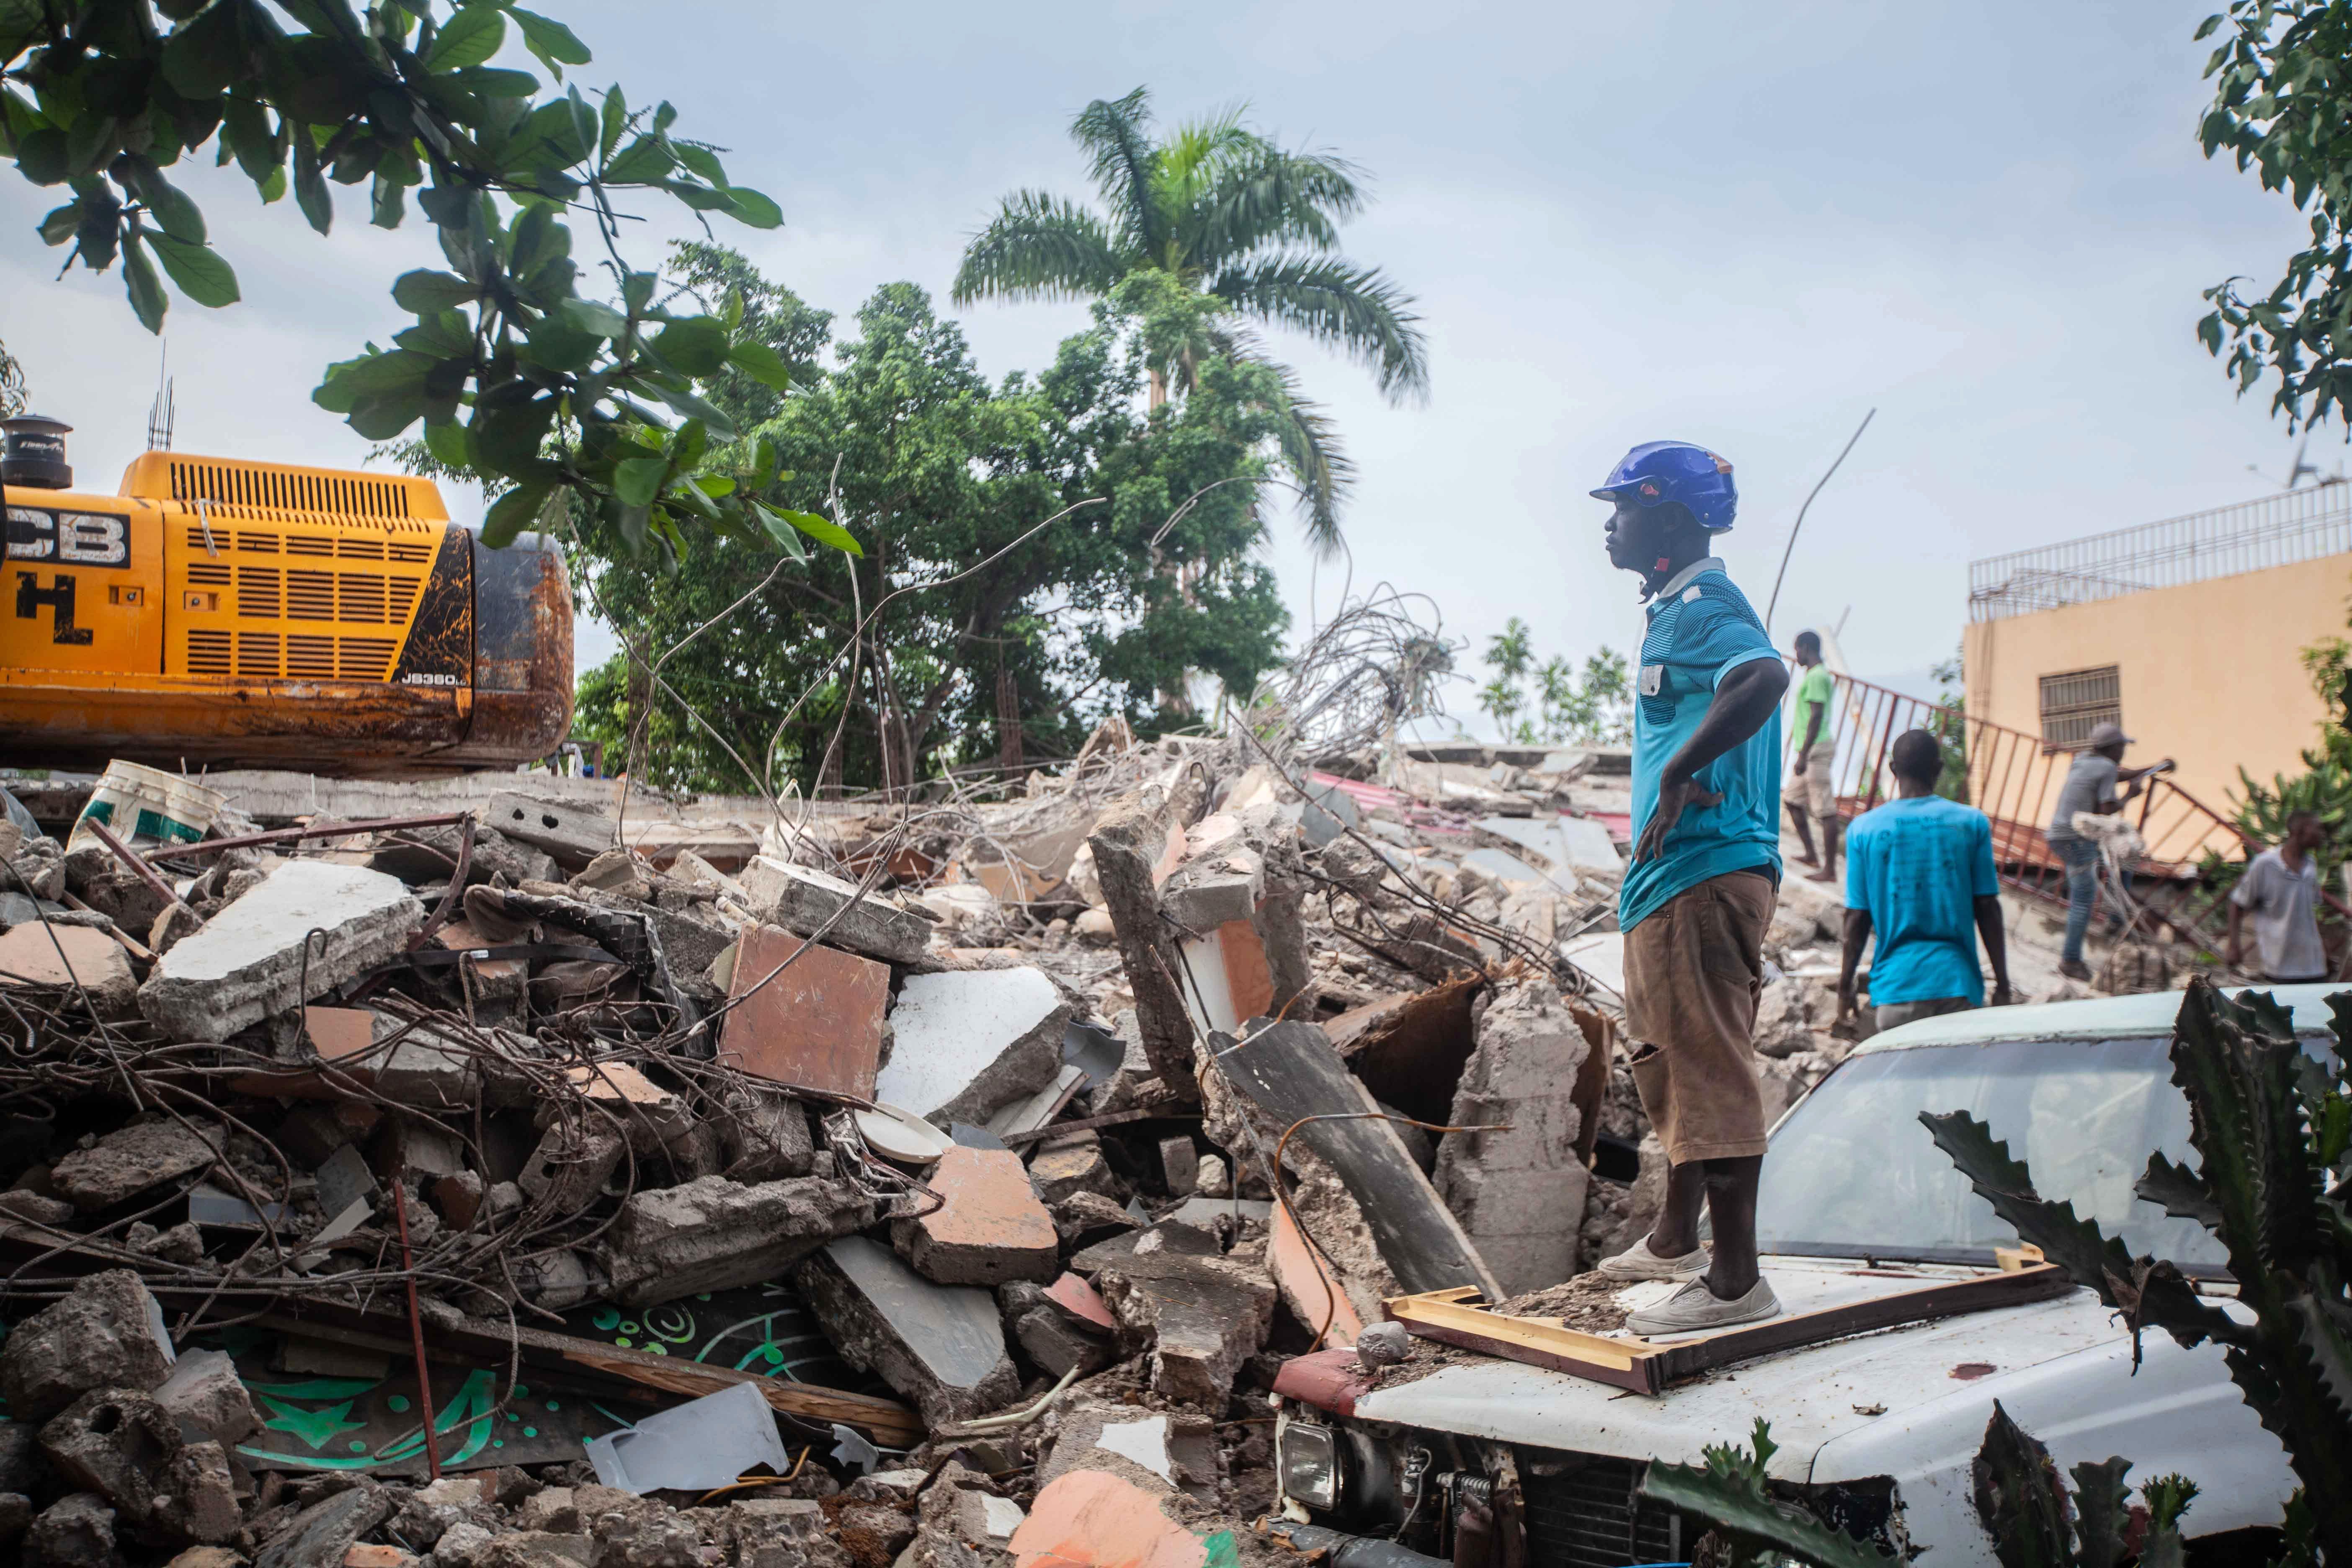 Naomi Osaka Pledges Funds for Haiti Earthquake Relief